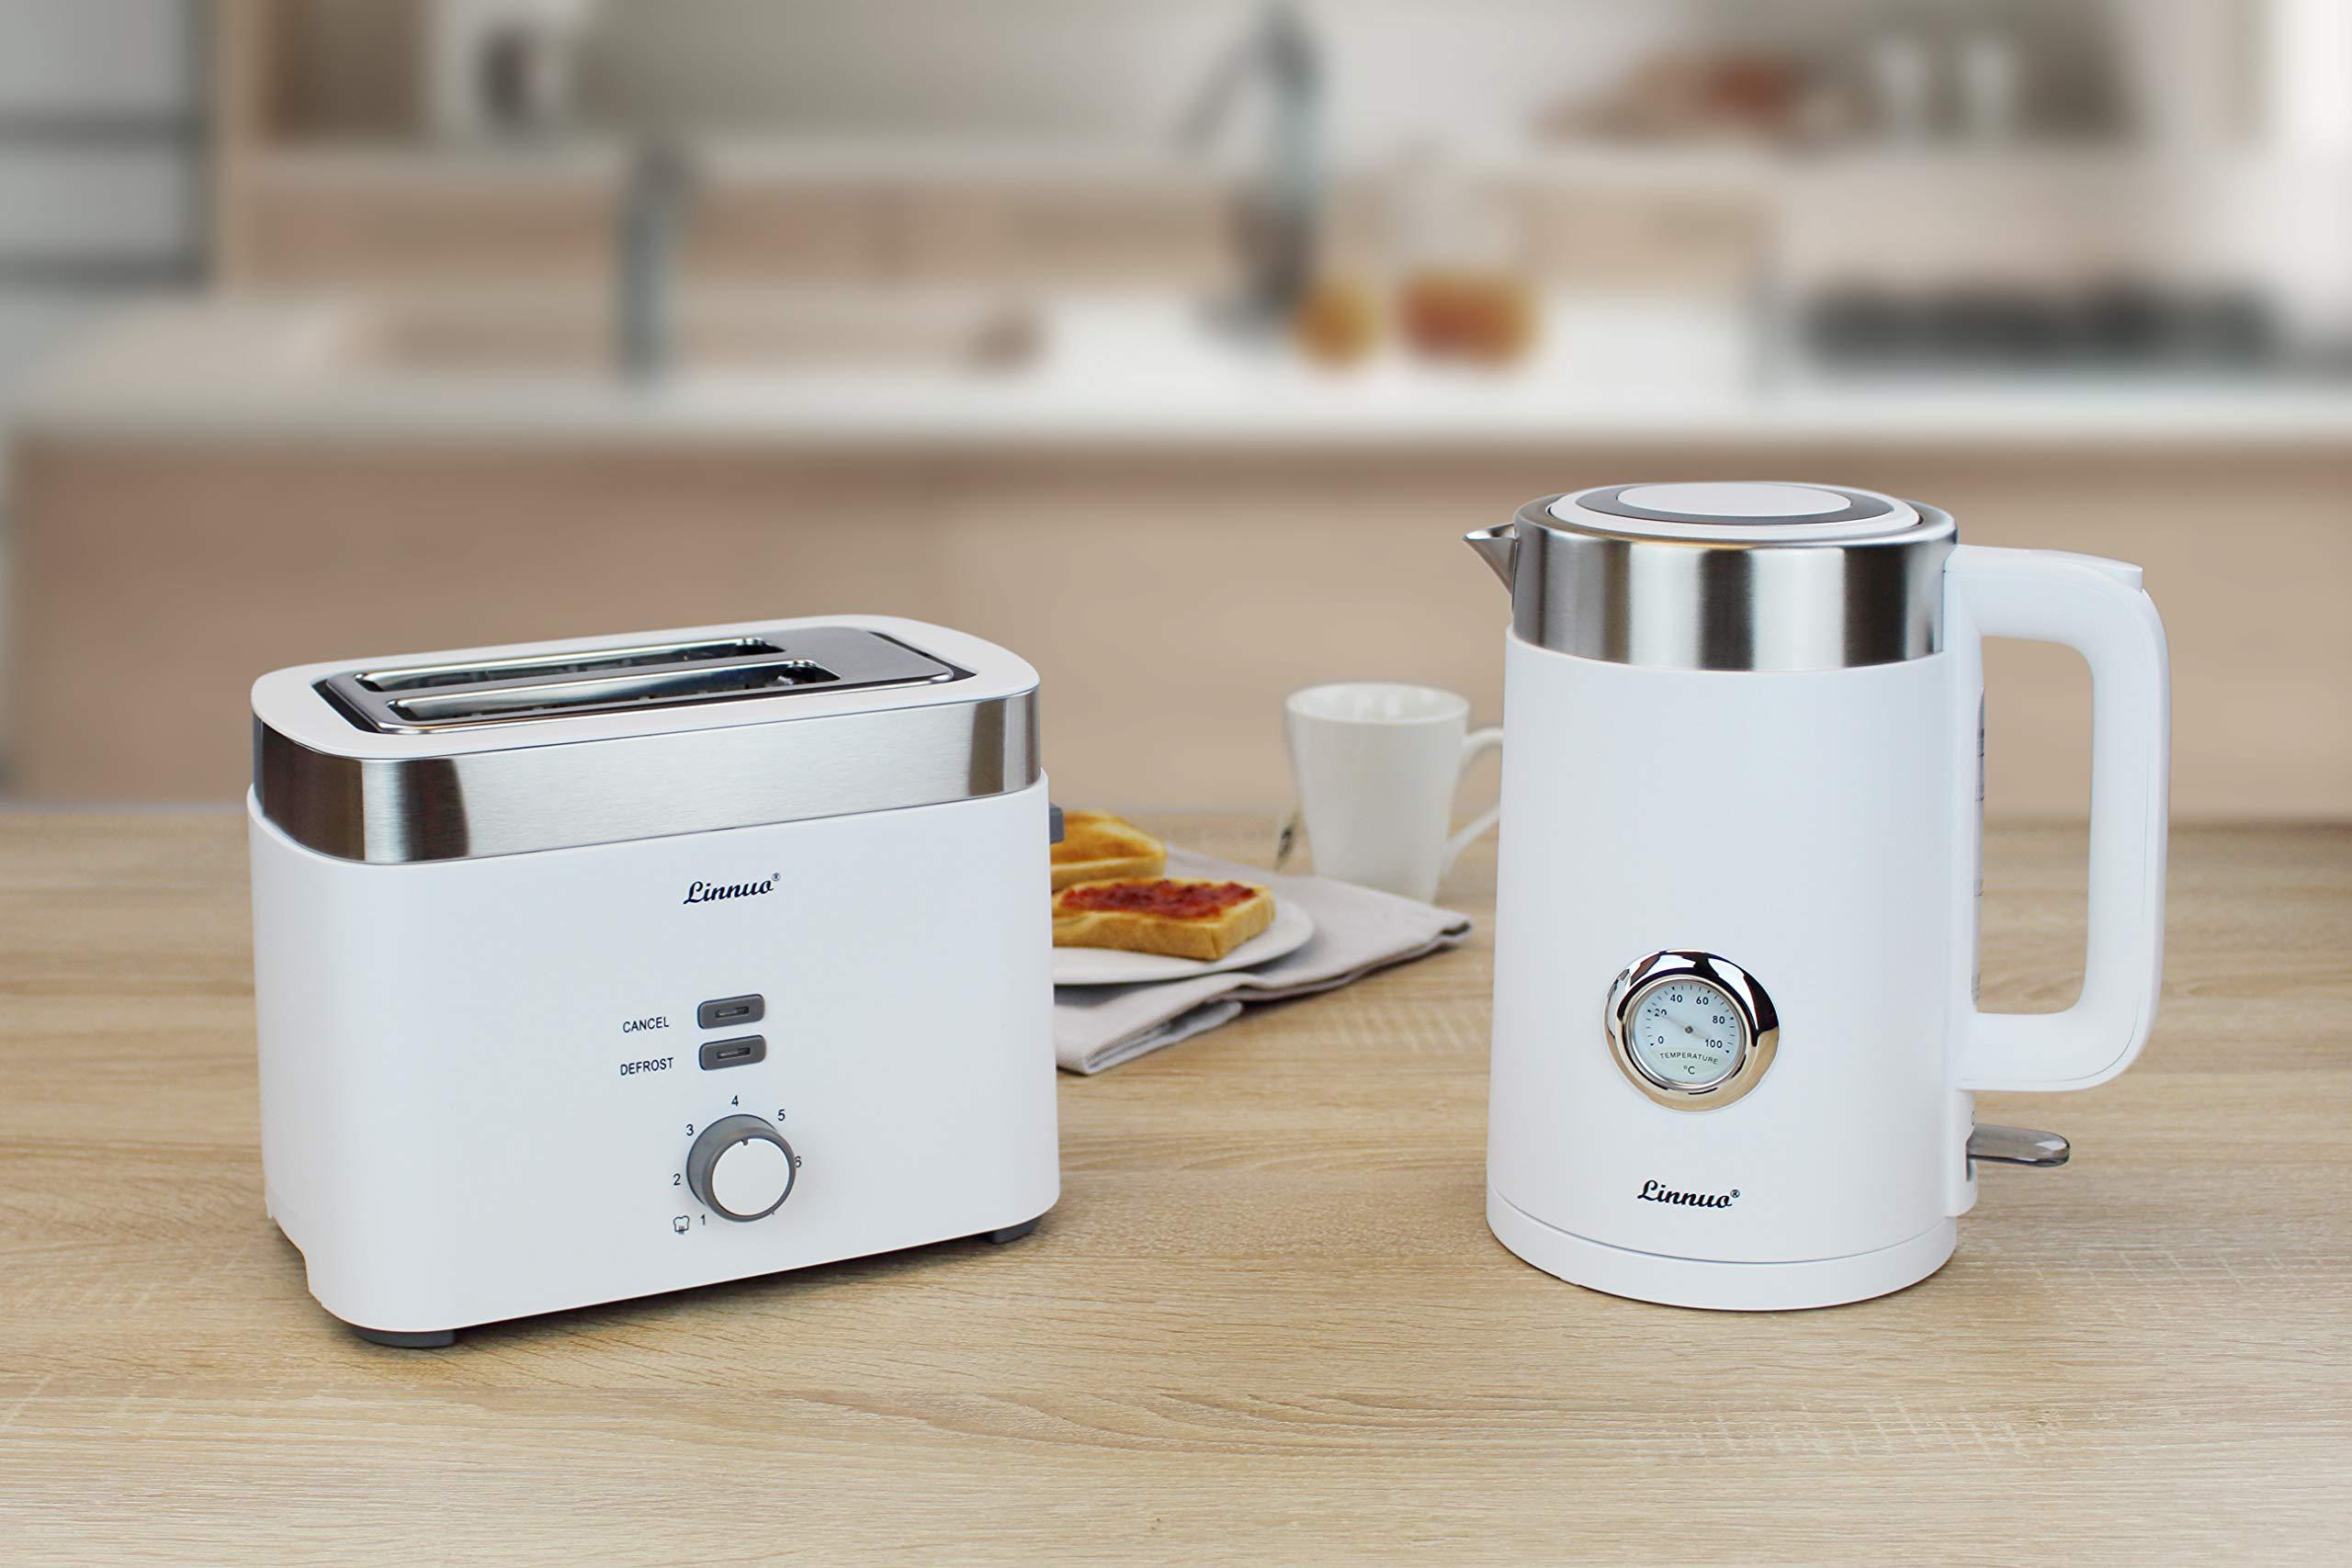 Linnuo-Toaster-Automatik-Doppelschlitz-7-Brunungsstufen-900-W-Krmelschublade-AuftauDefrost-Funktion-EdelstahWei